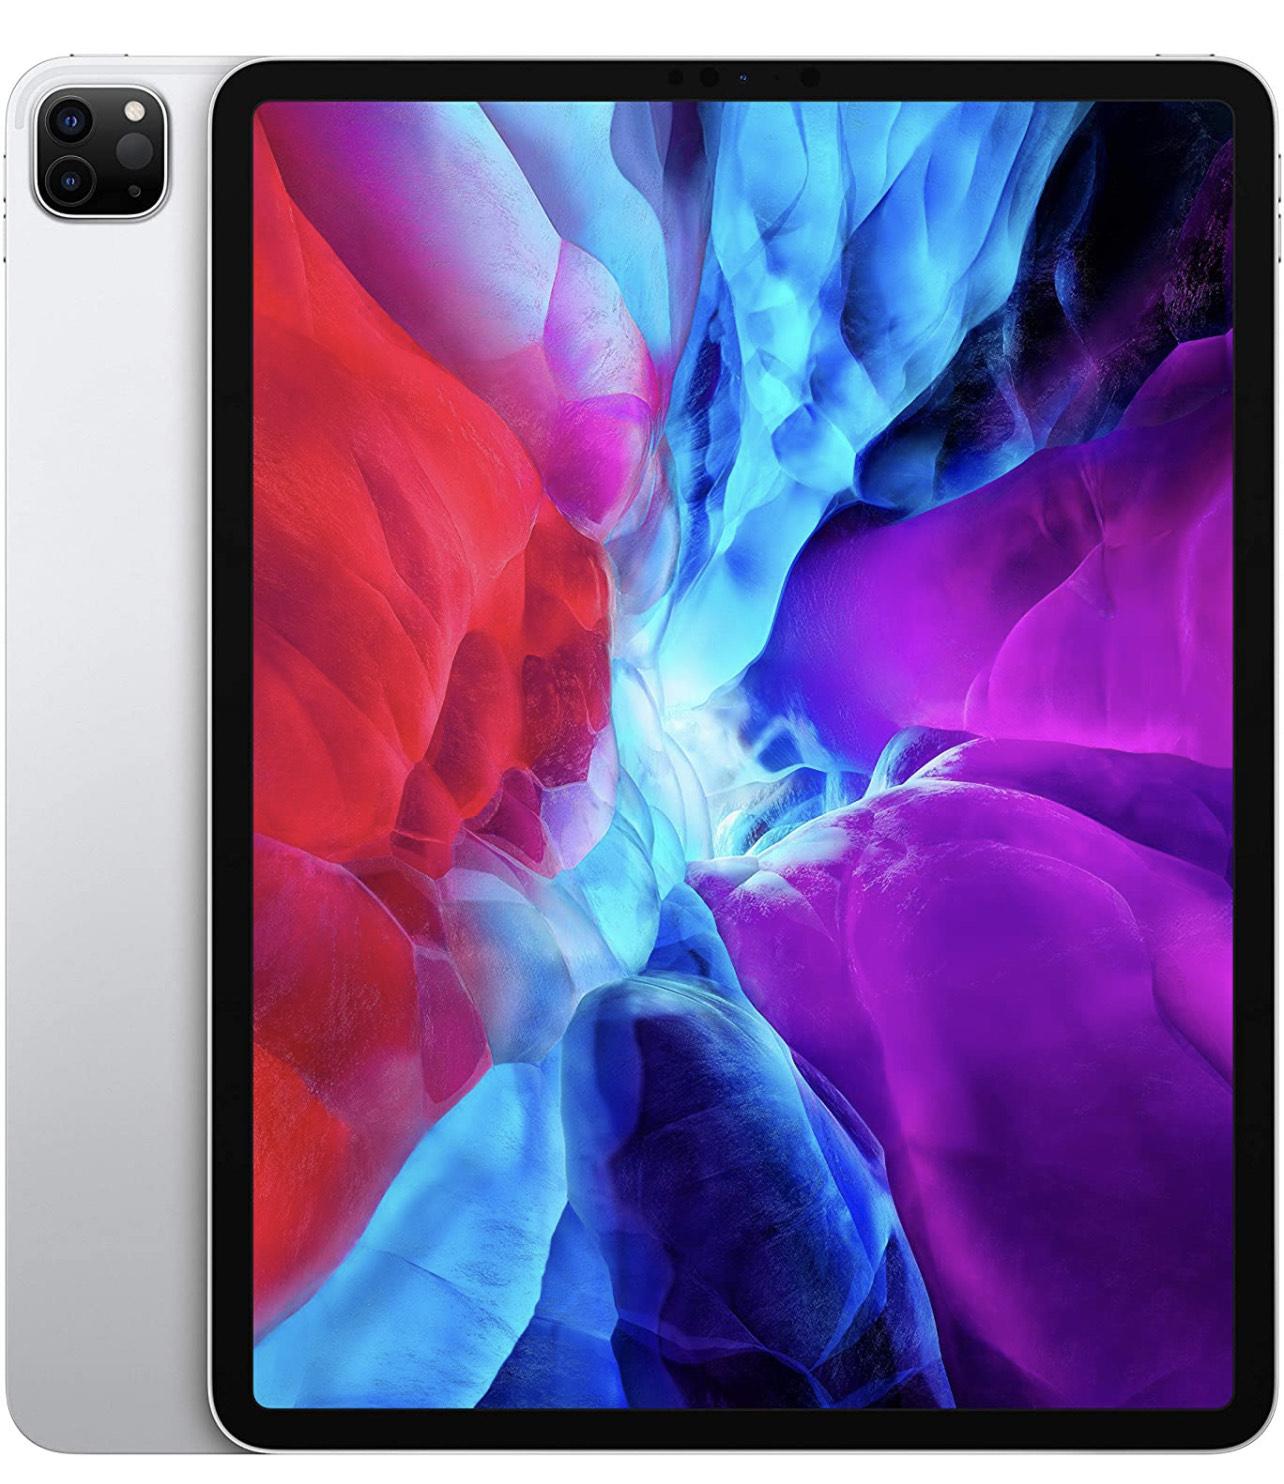 """[Prime] Tablette 12.9"""" Apple iPad Pro (4ᵉgénération) - Wi-Fi, 512Go, Argent"""